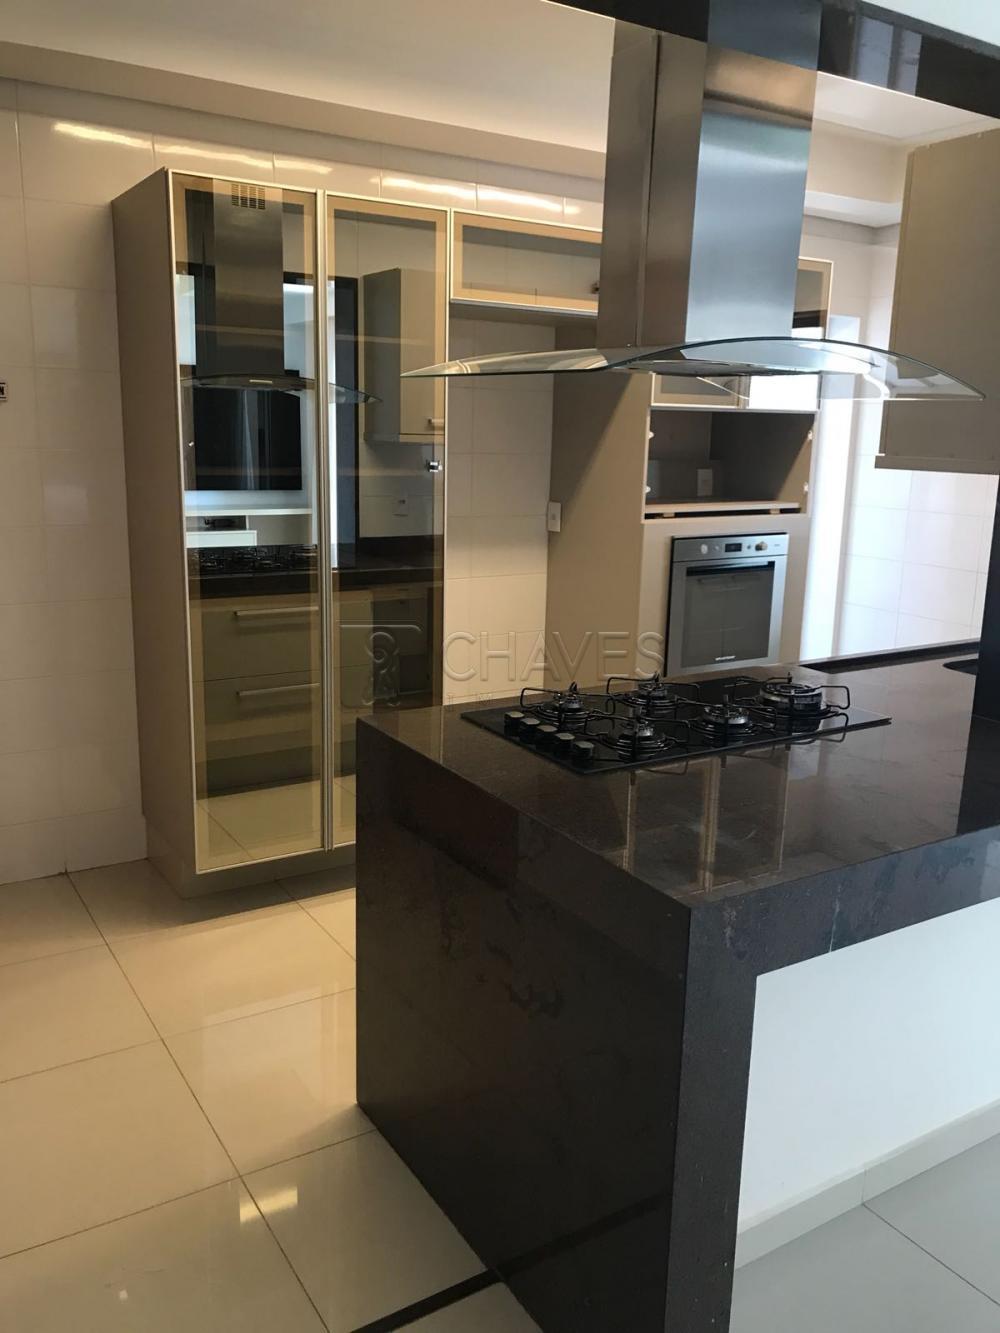 Comprar Apartamento / Padrão em Ribeirão Preto apenas R$ 720.000,00 - Foto 4